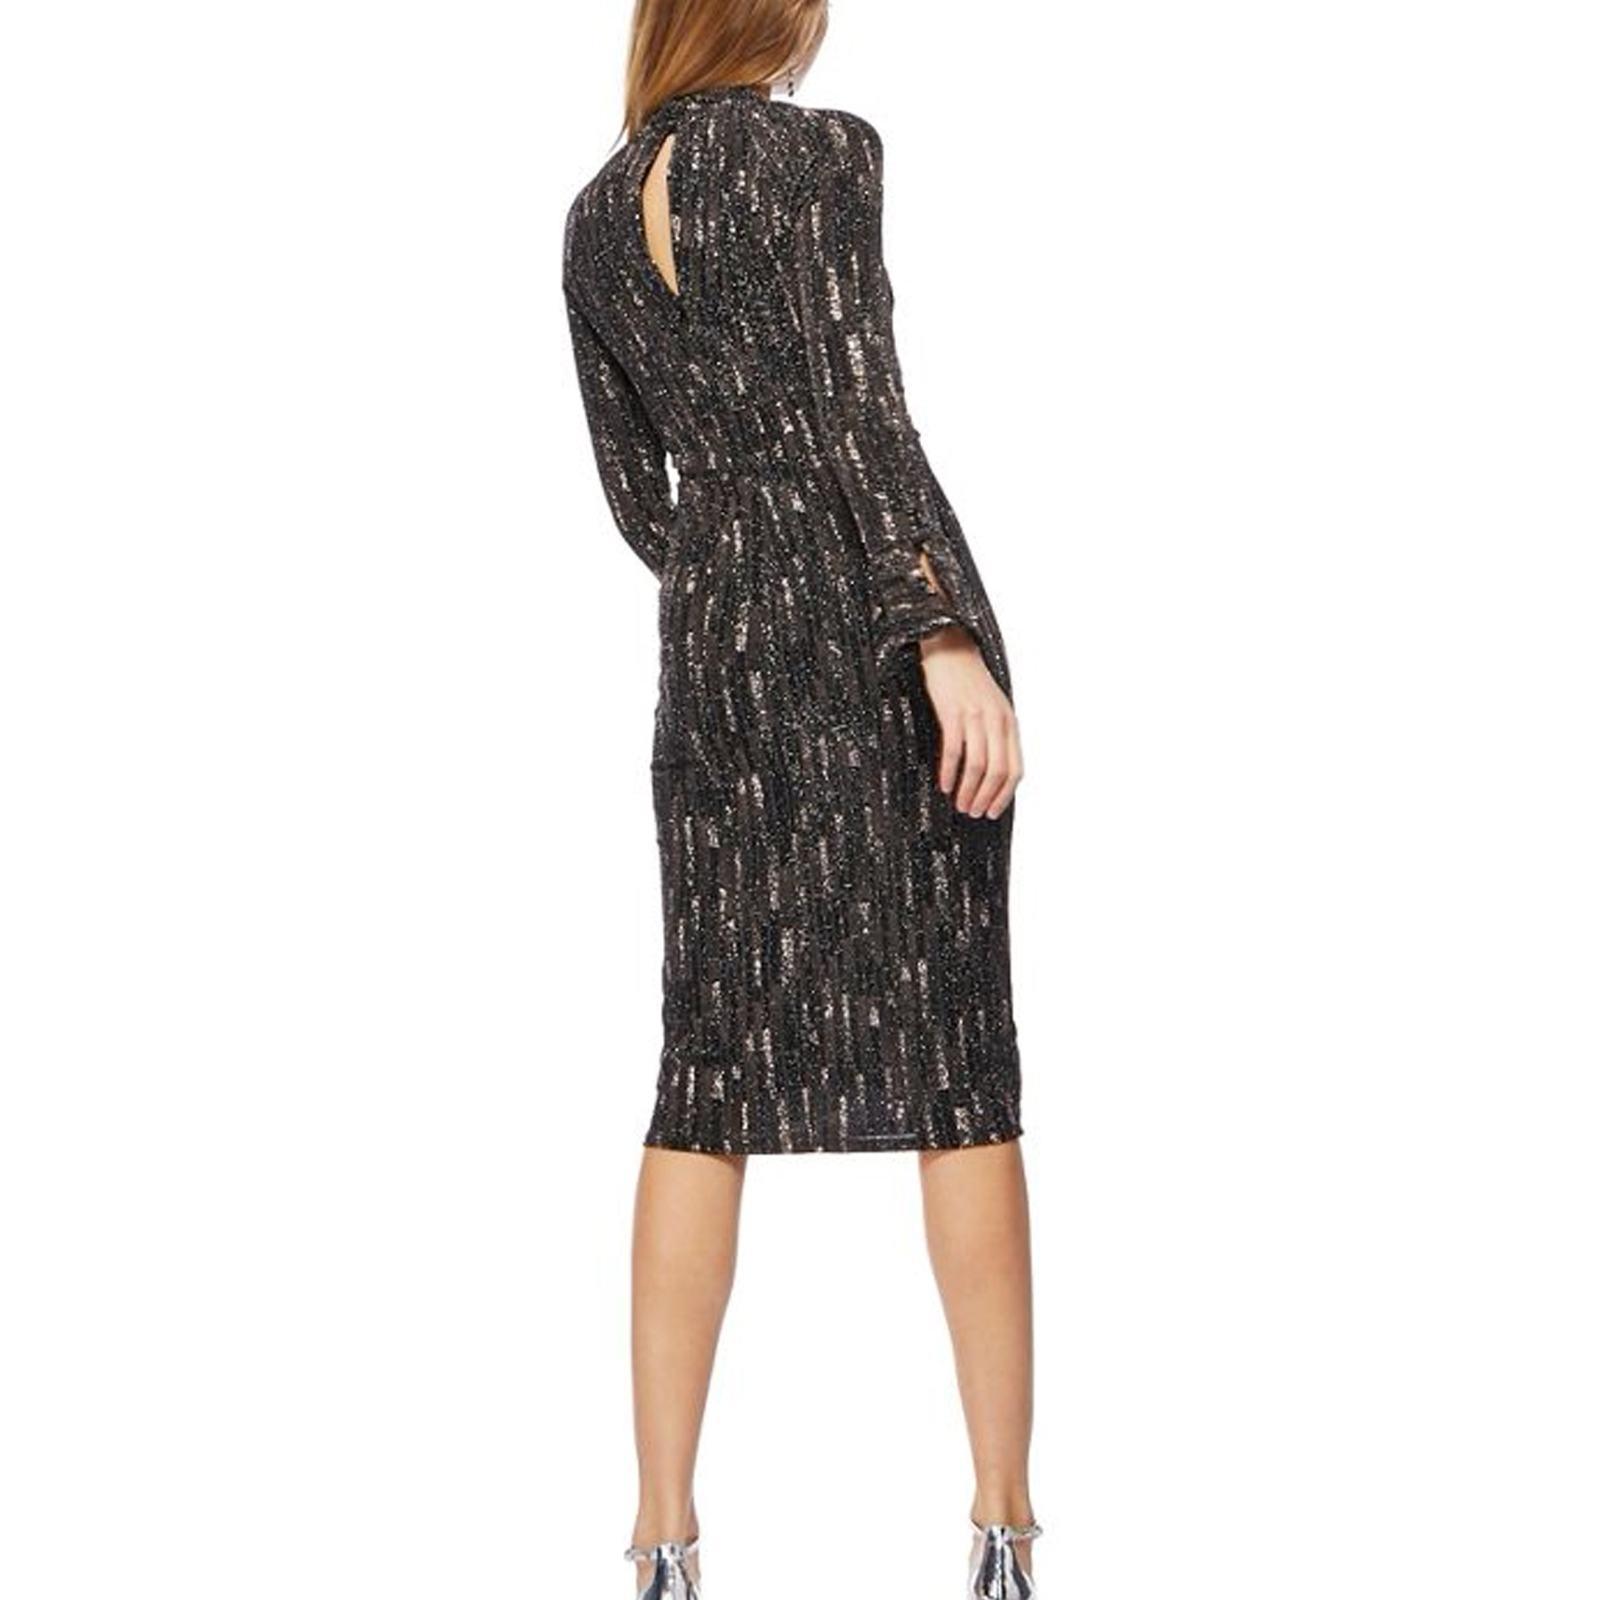 پیراهن میدی زنانه - پرینسیپلز - زغالي - 3